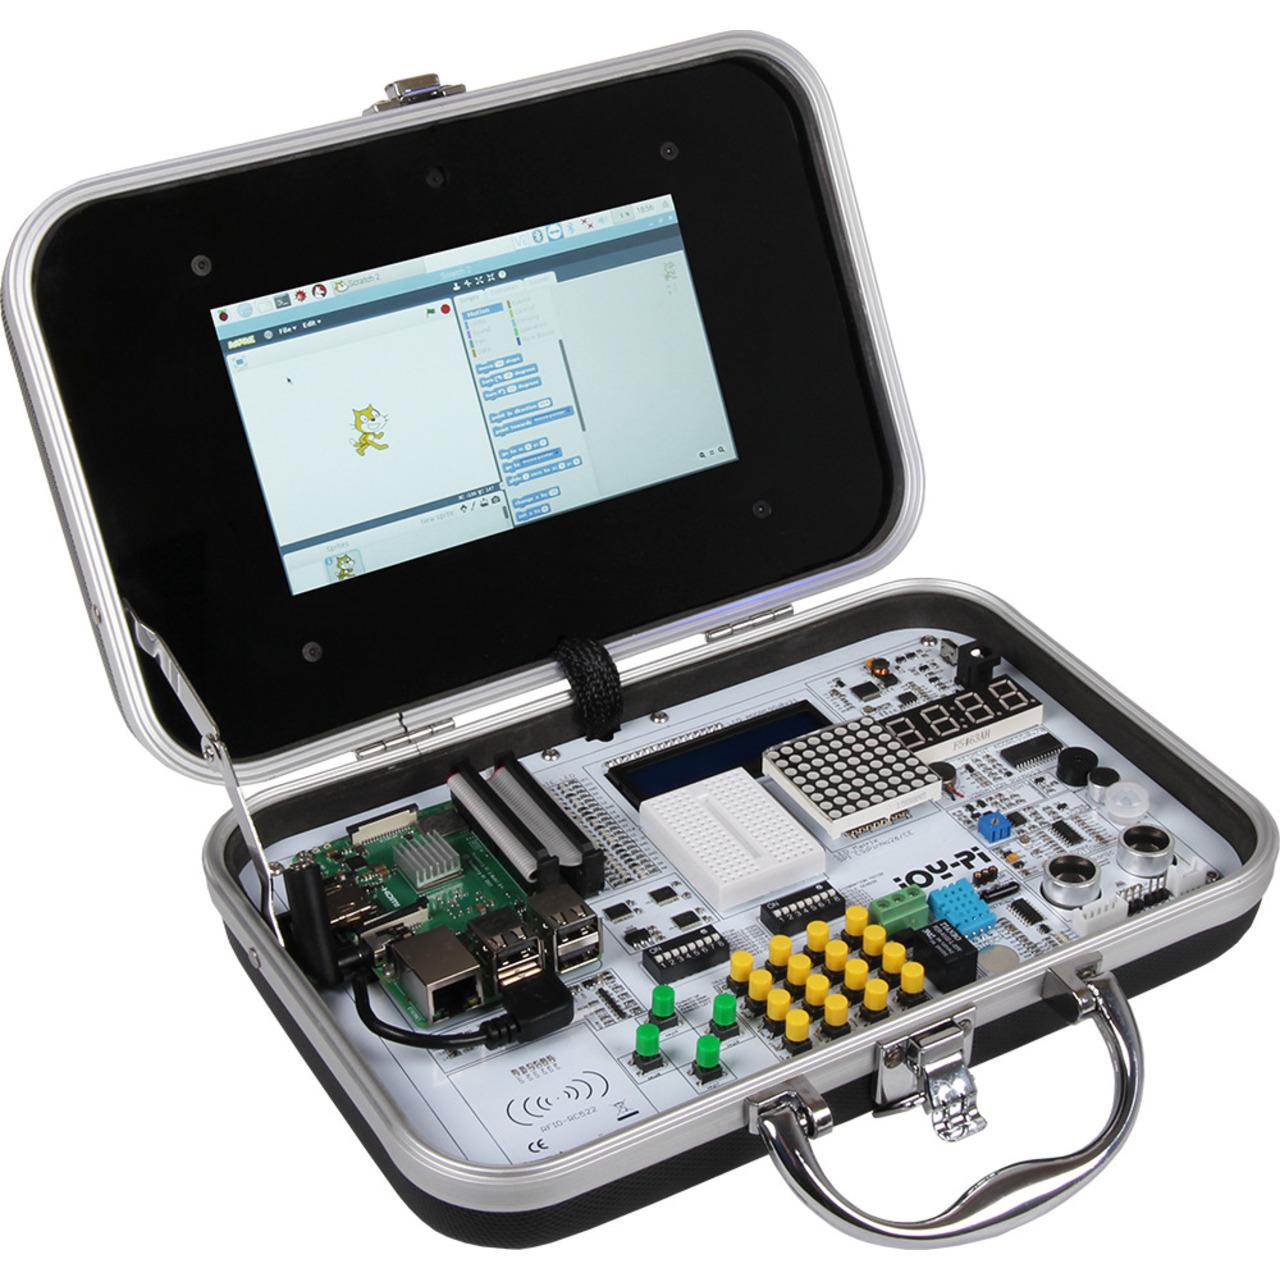 JOY-iT Experimentier- und Ausbildungskoffer JoyPi fund-252 r Raspberry Pi